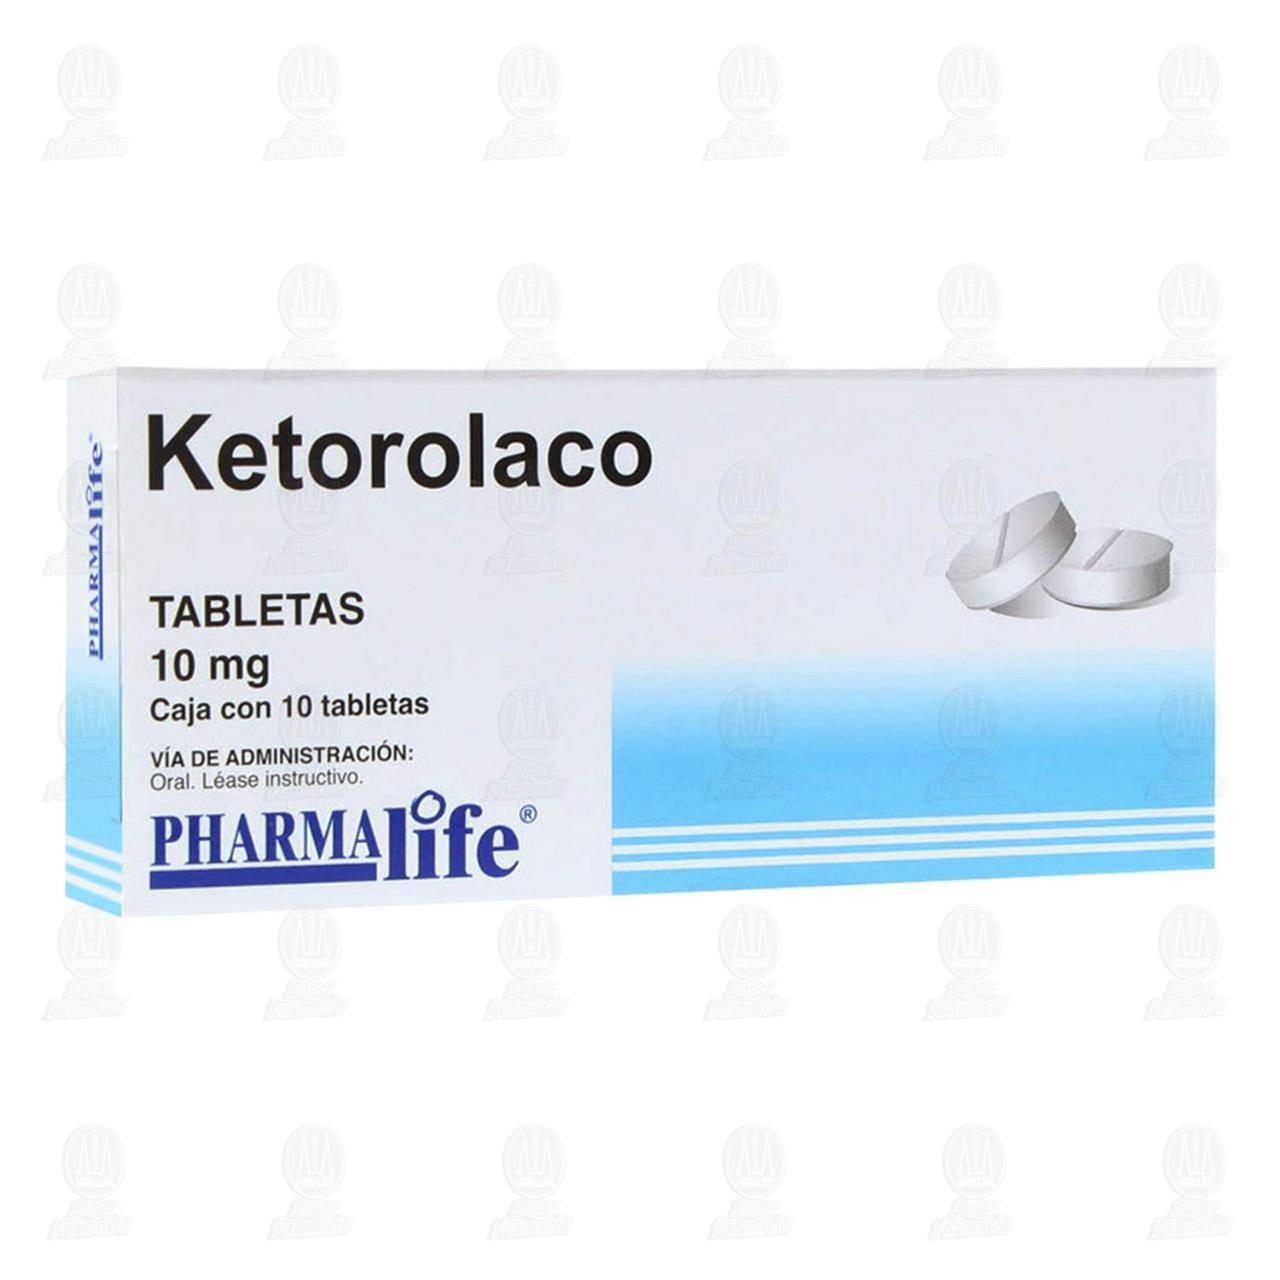 Comprar Ketorolaco 10mg 10 Tabletas Pharmalife en Farmacias Guadalajara